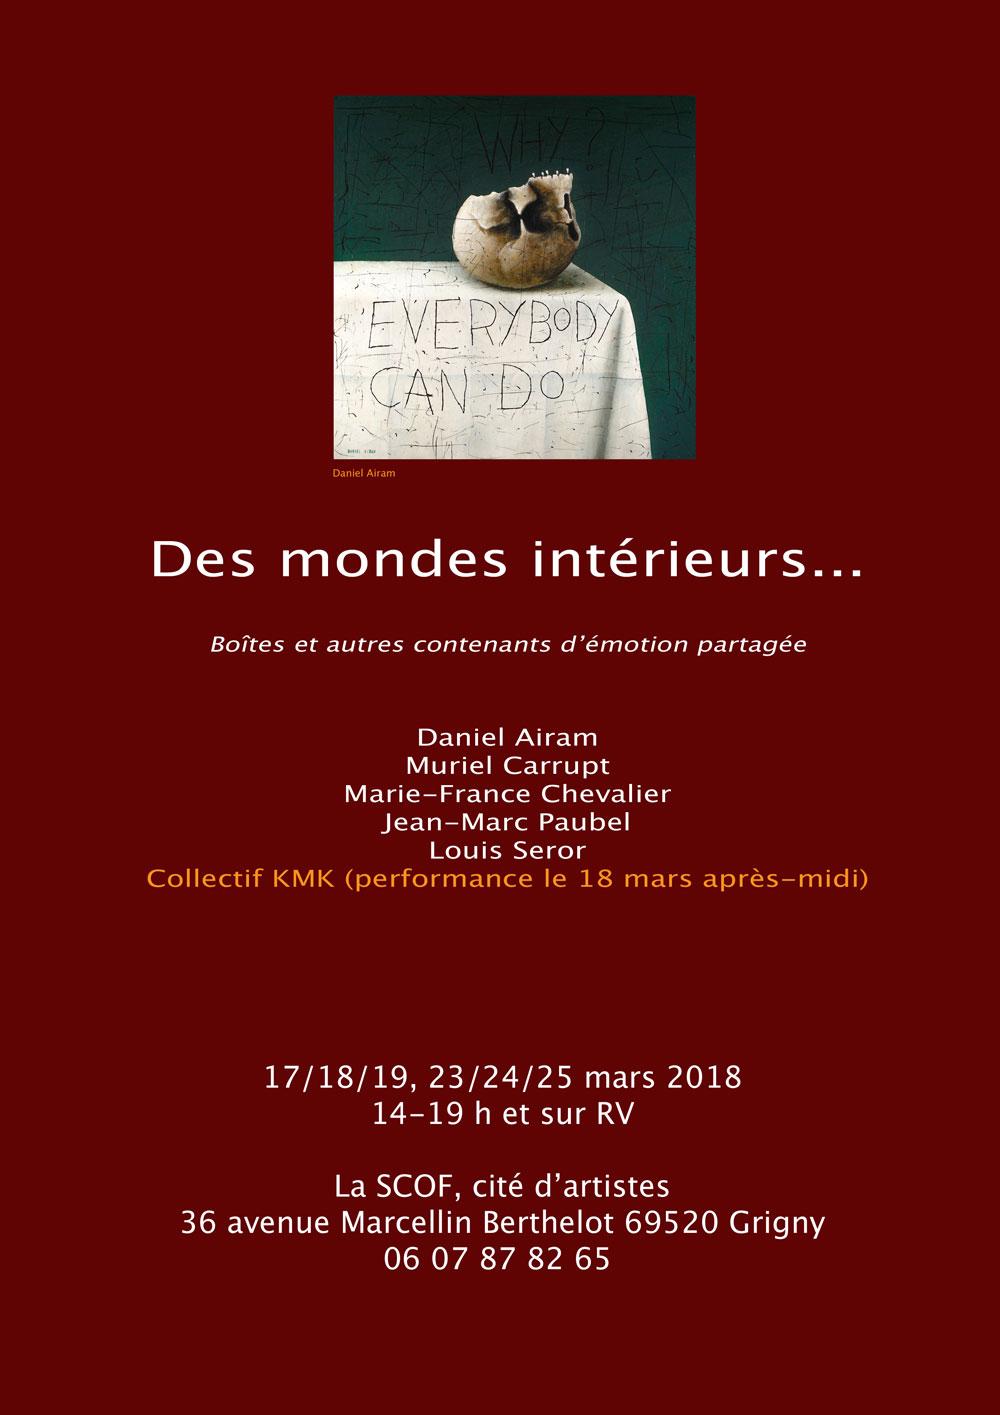 mondes_interieurs_web